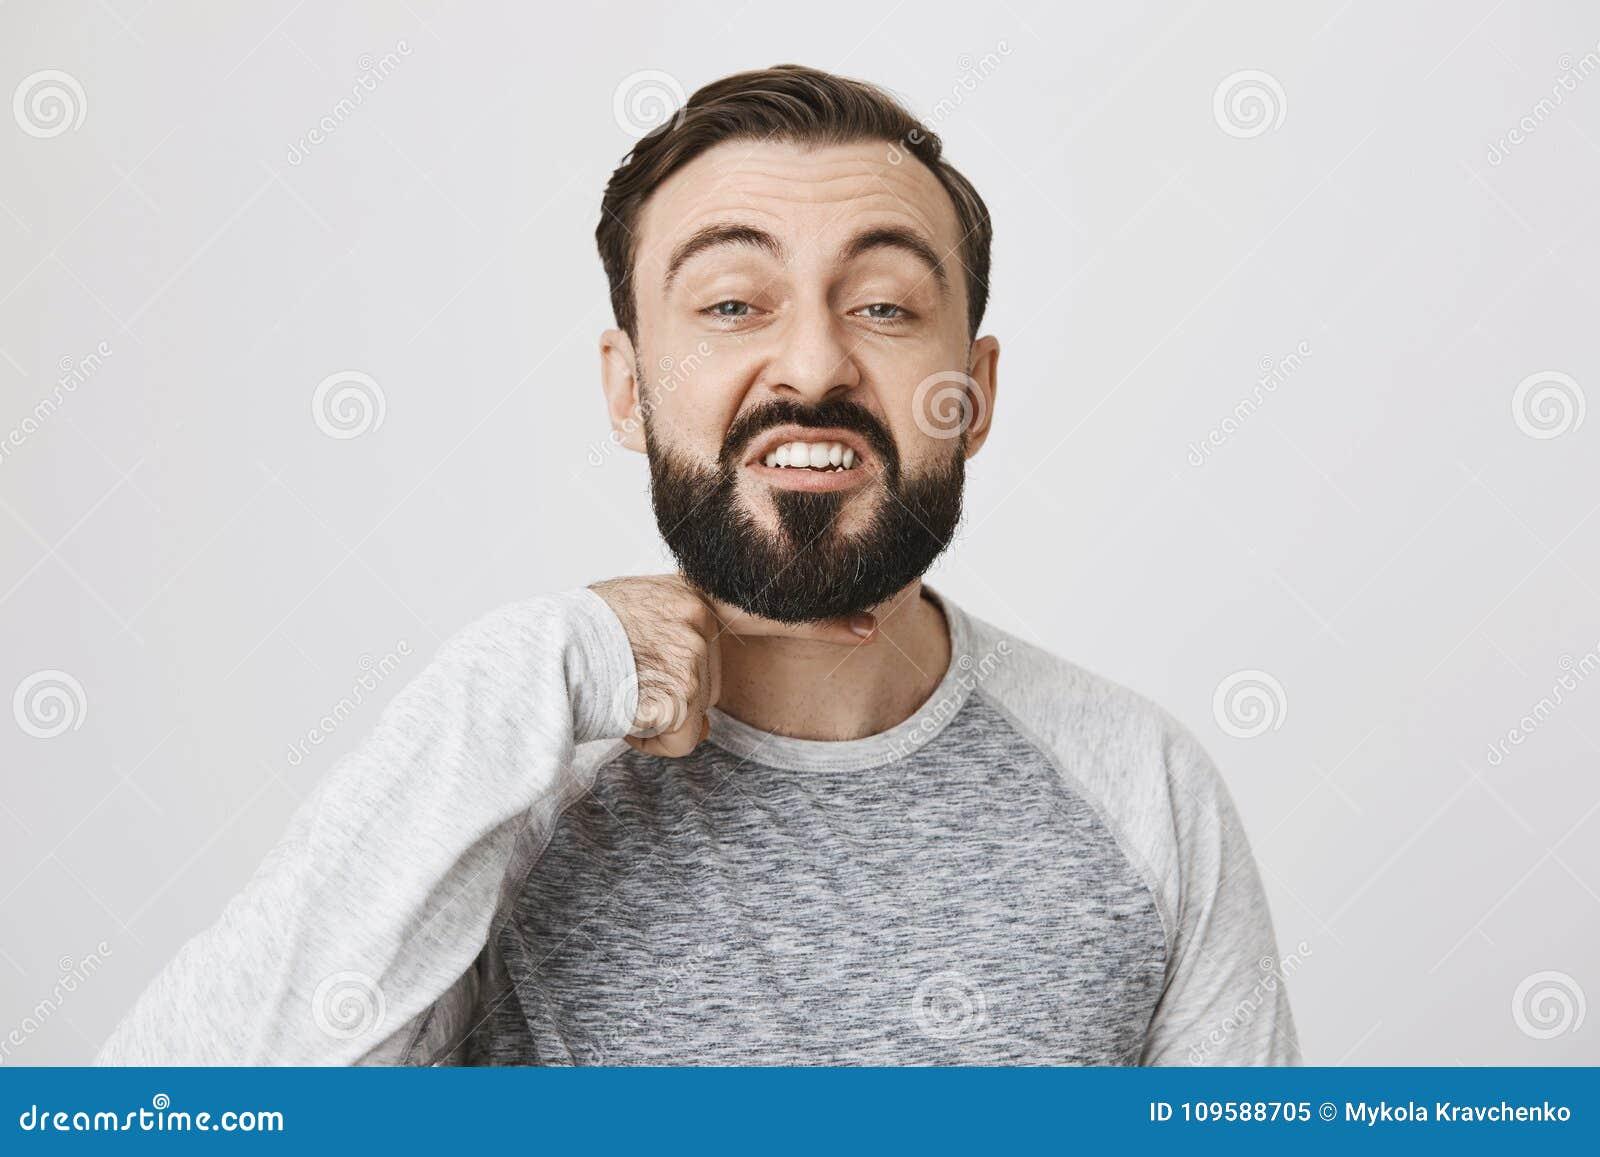 Сердитый бородатый показ парня я отрежу вас возглавляю жест с указательным пальцем над шеей, стоя над серой предпосылкой I